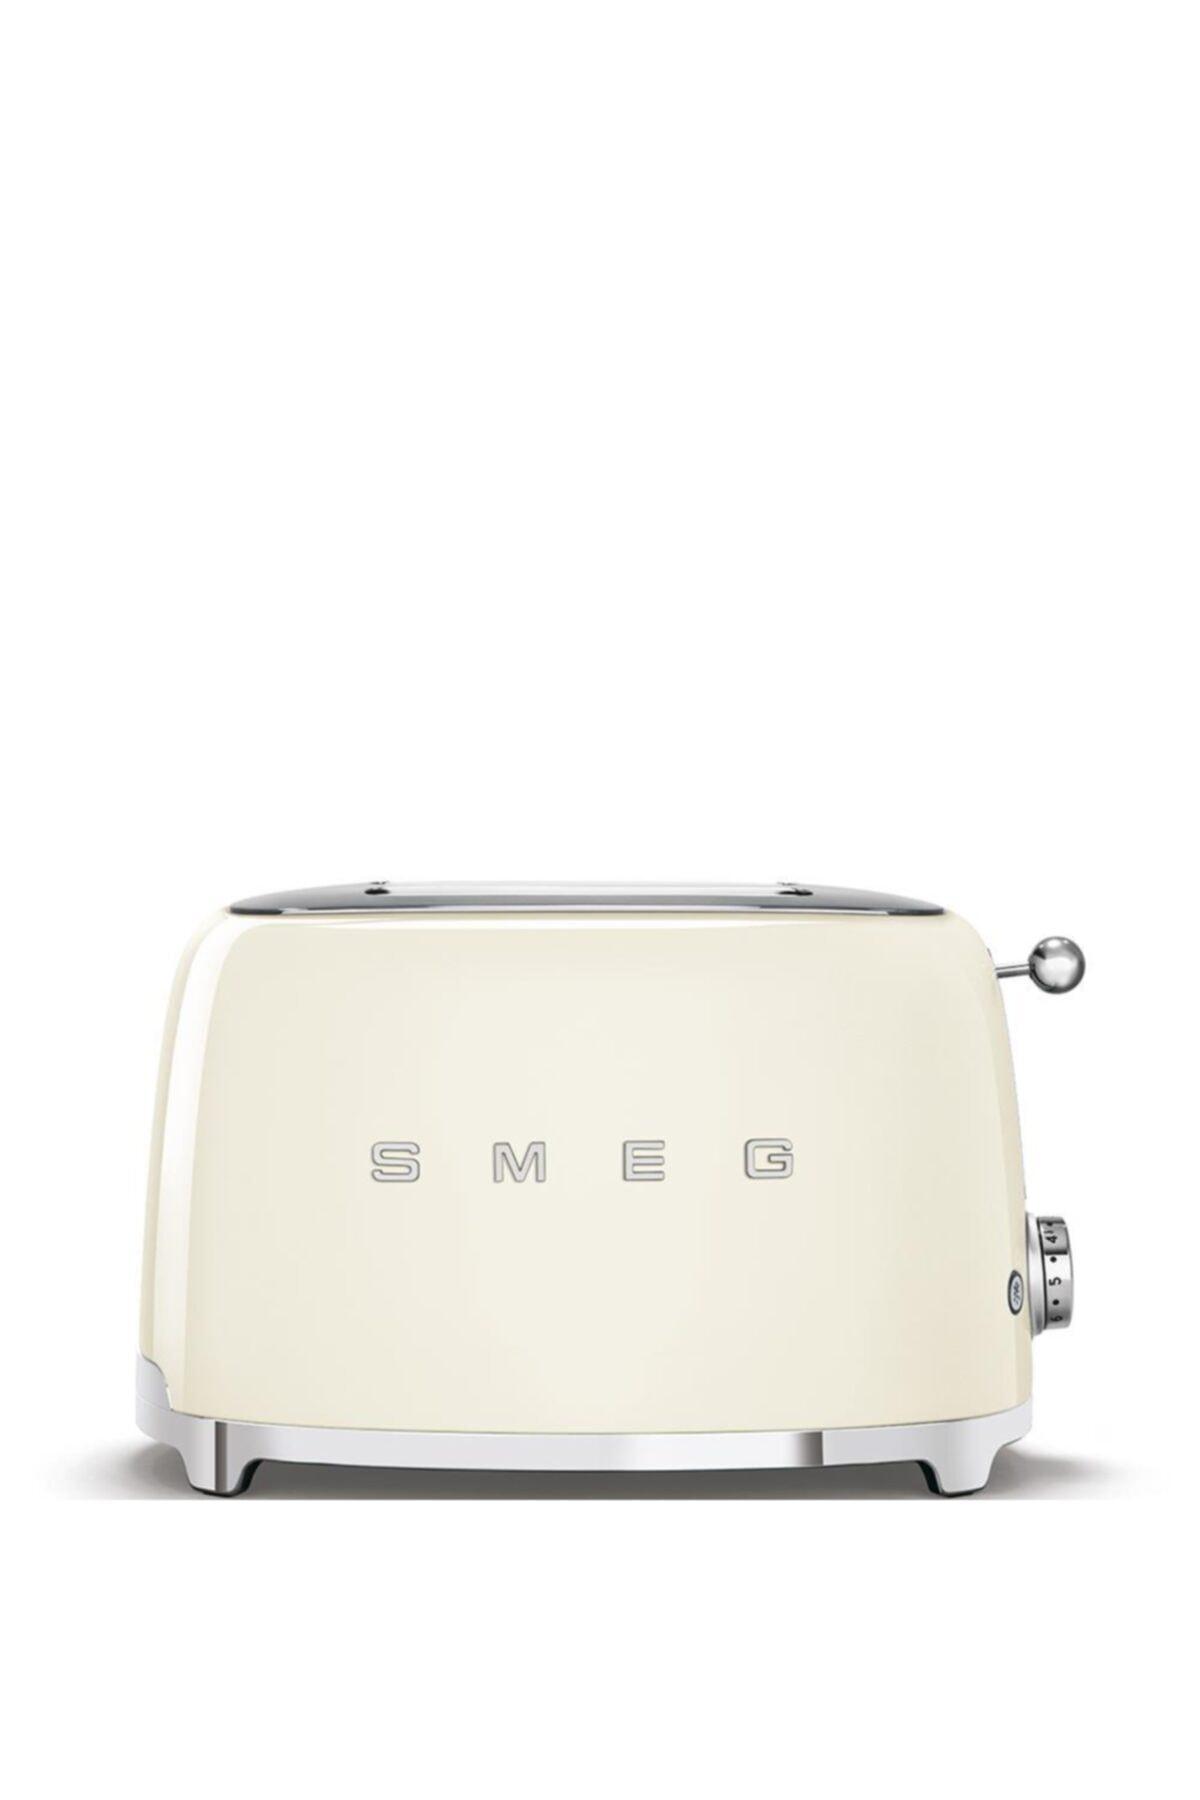 SMEG Beyaz Tsf01creu Retro Krem 2x2 Slot Ekmek Kızartma Makinesi 1